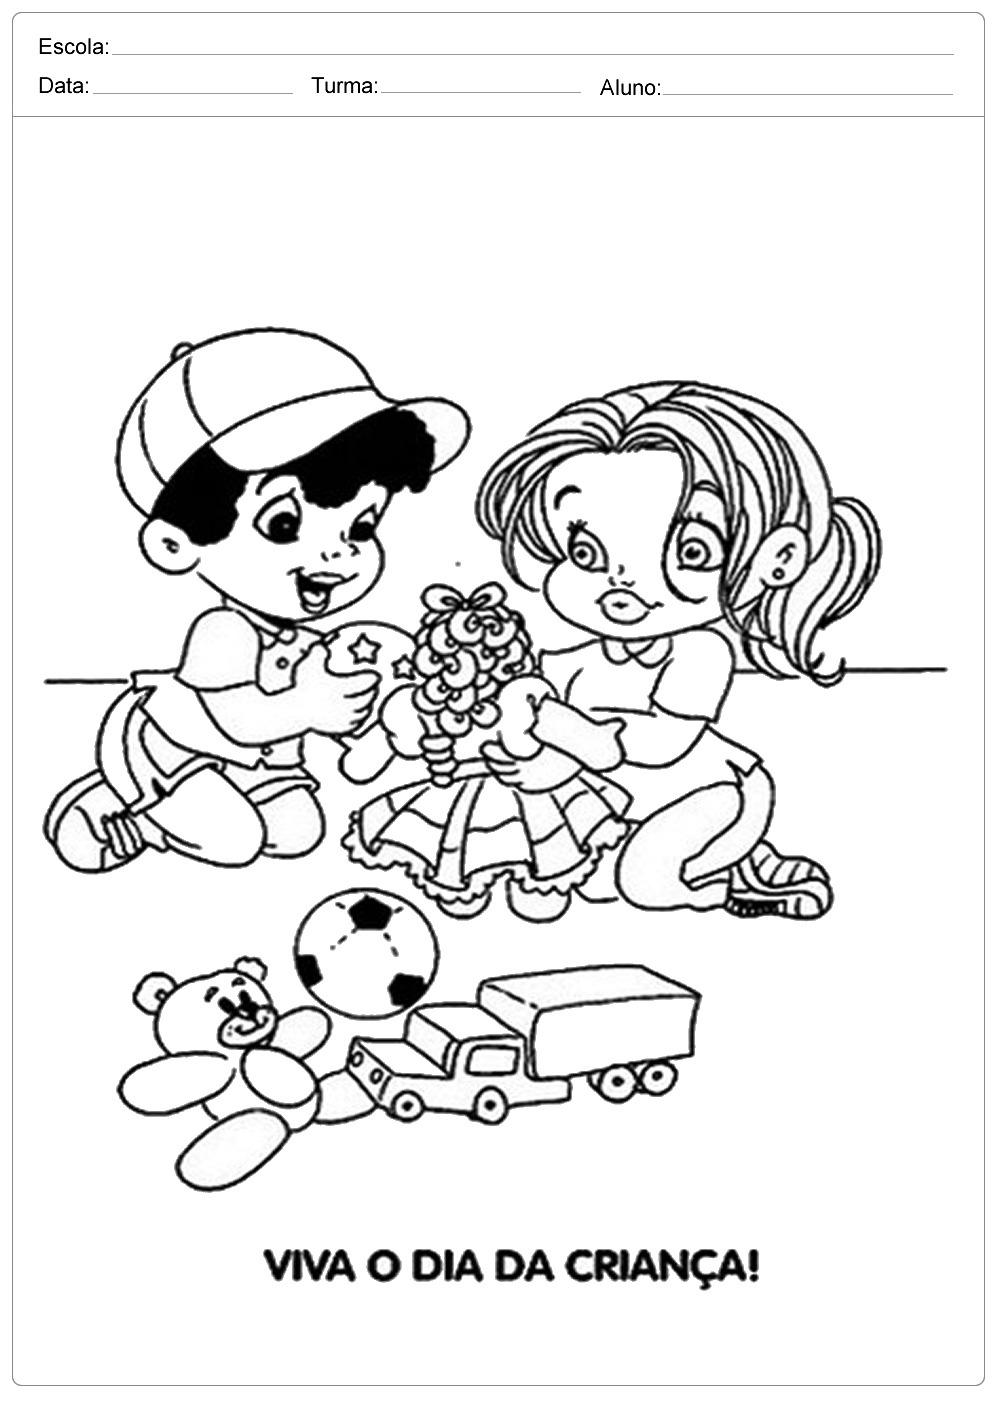 Via O Dia Das Crianças